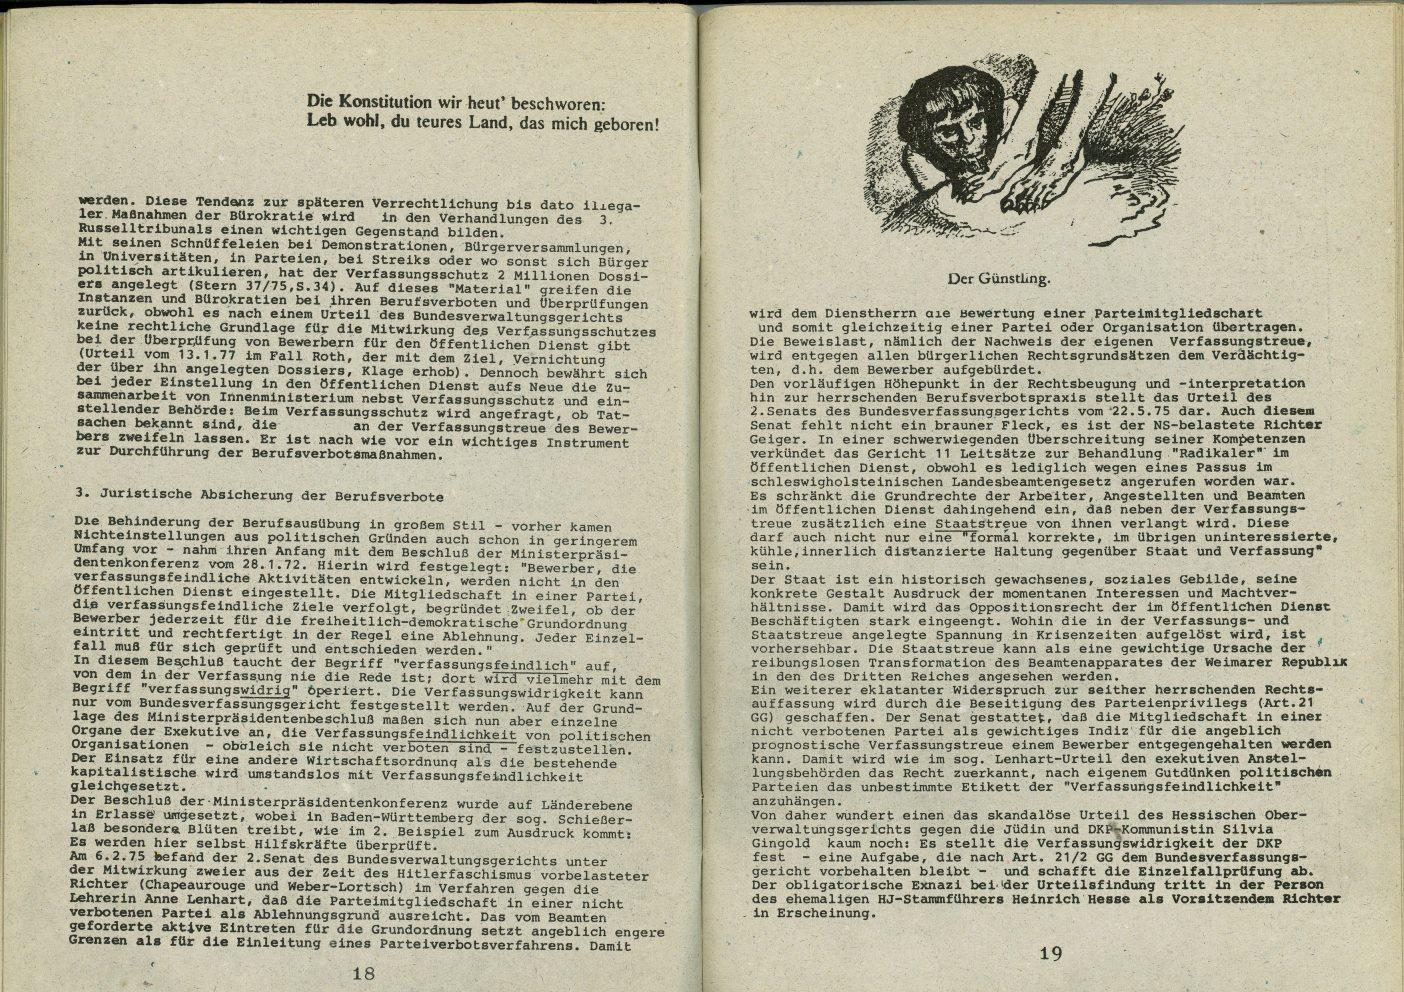 Stuttgart_AGRT_Menschenrechtsverletzungen_Leseheft_1978_11